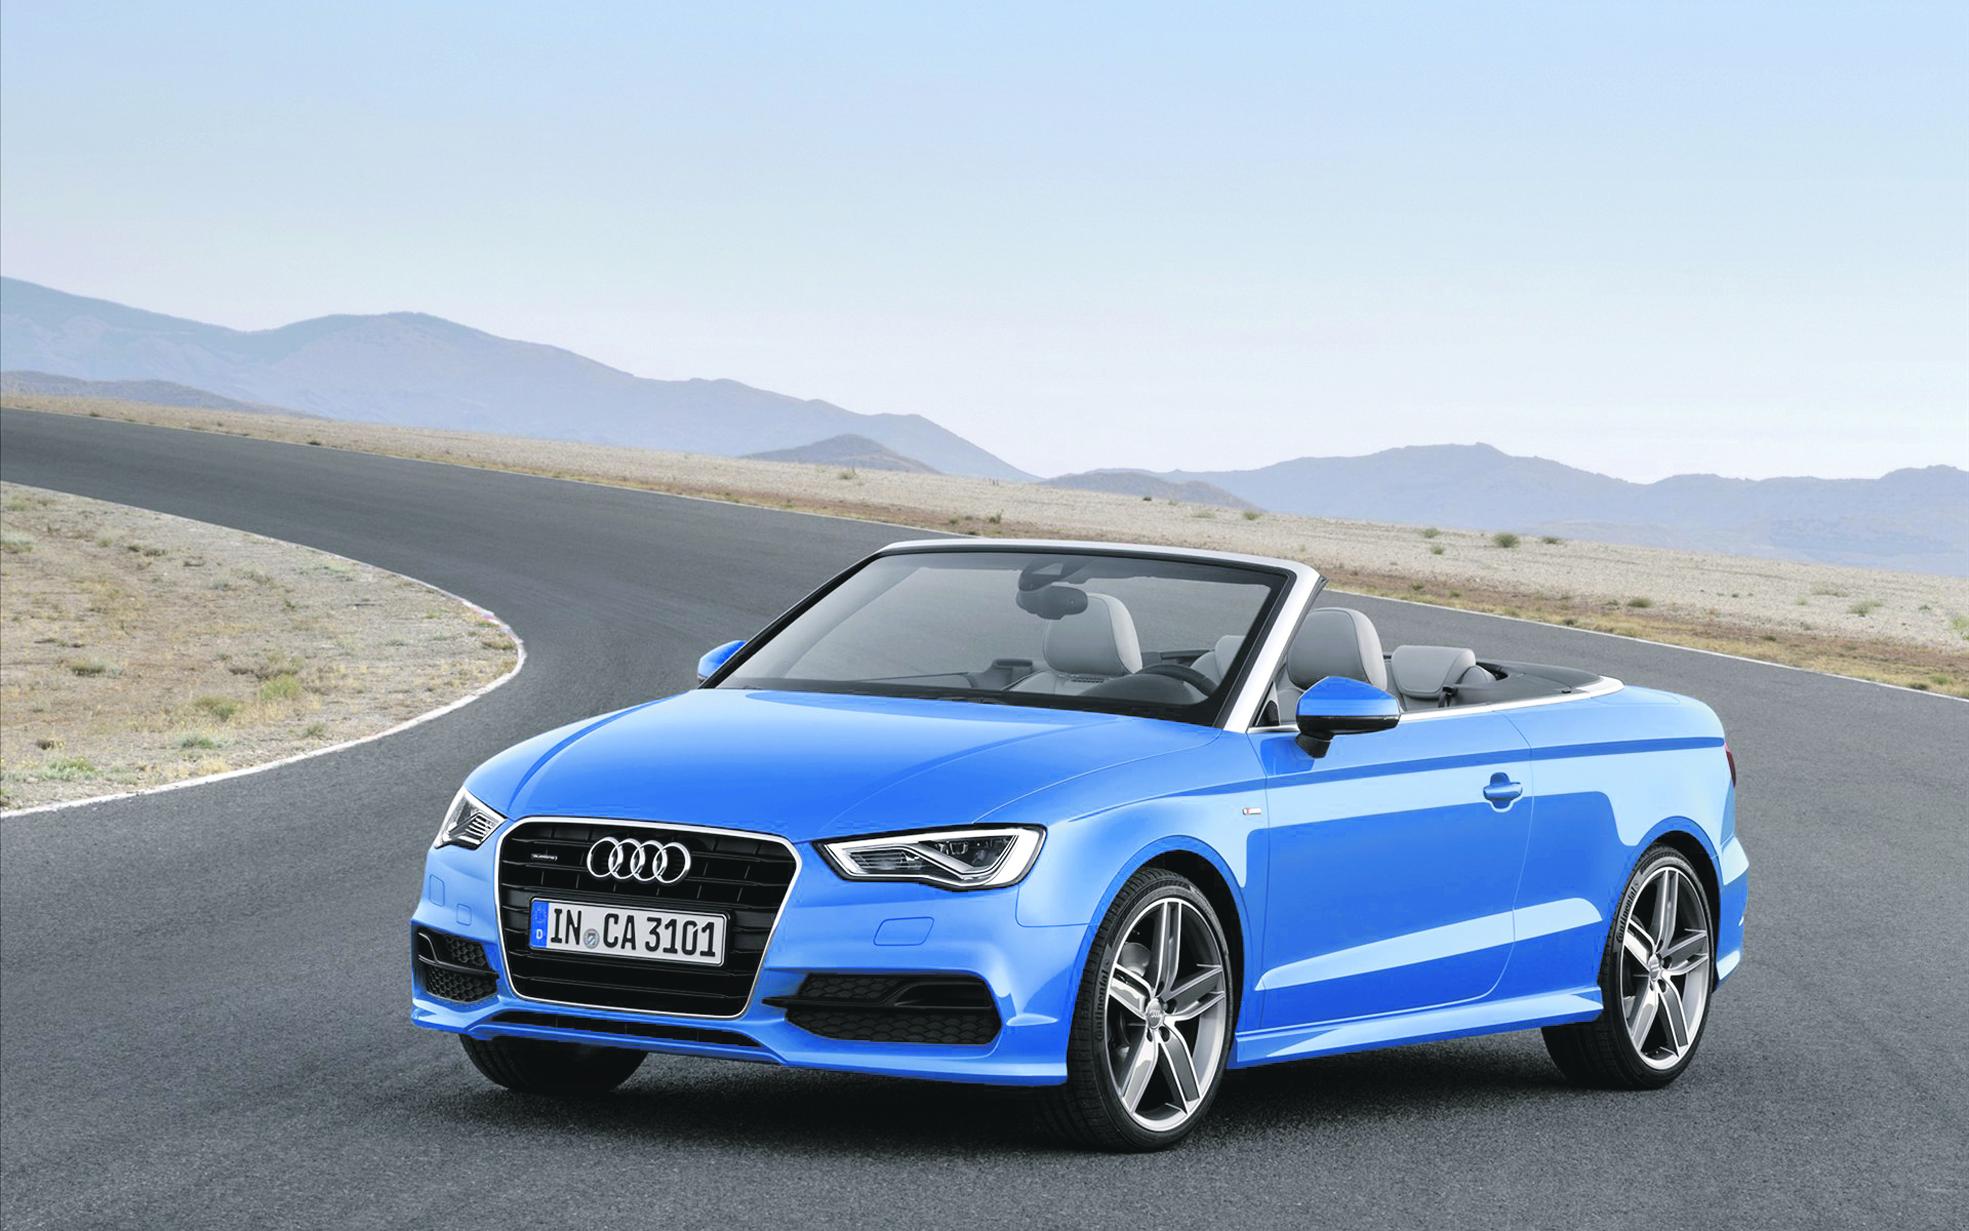 Modelo é equipado com motor 1.8 turbo, de 180 cavalos, com câmbio automatizado de sete marchas e duas embreagens